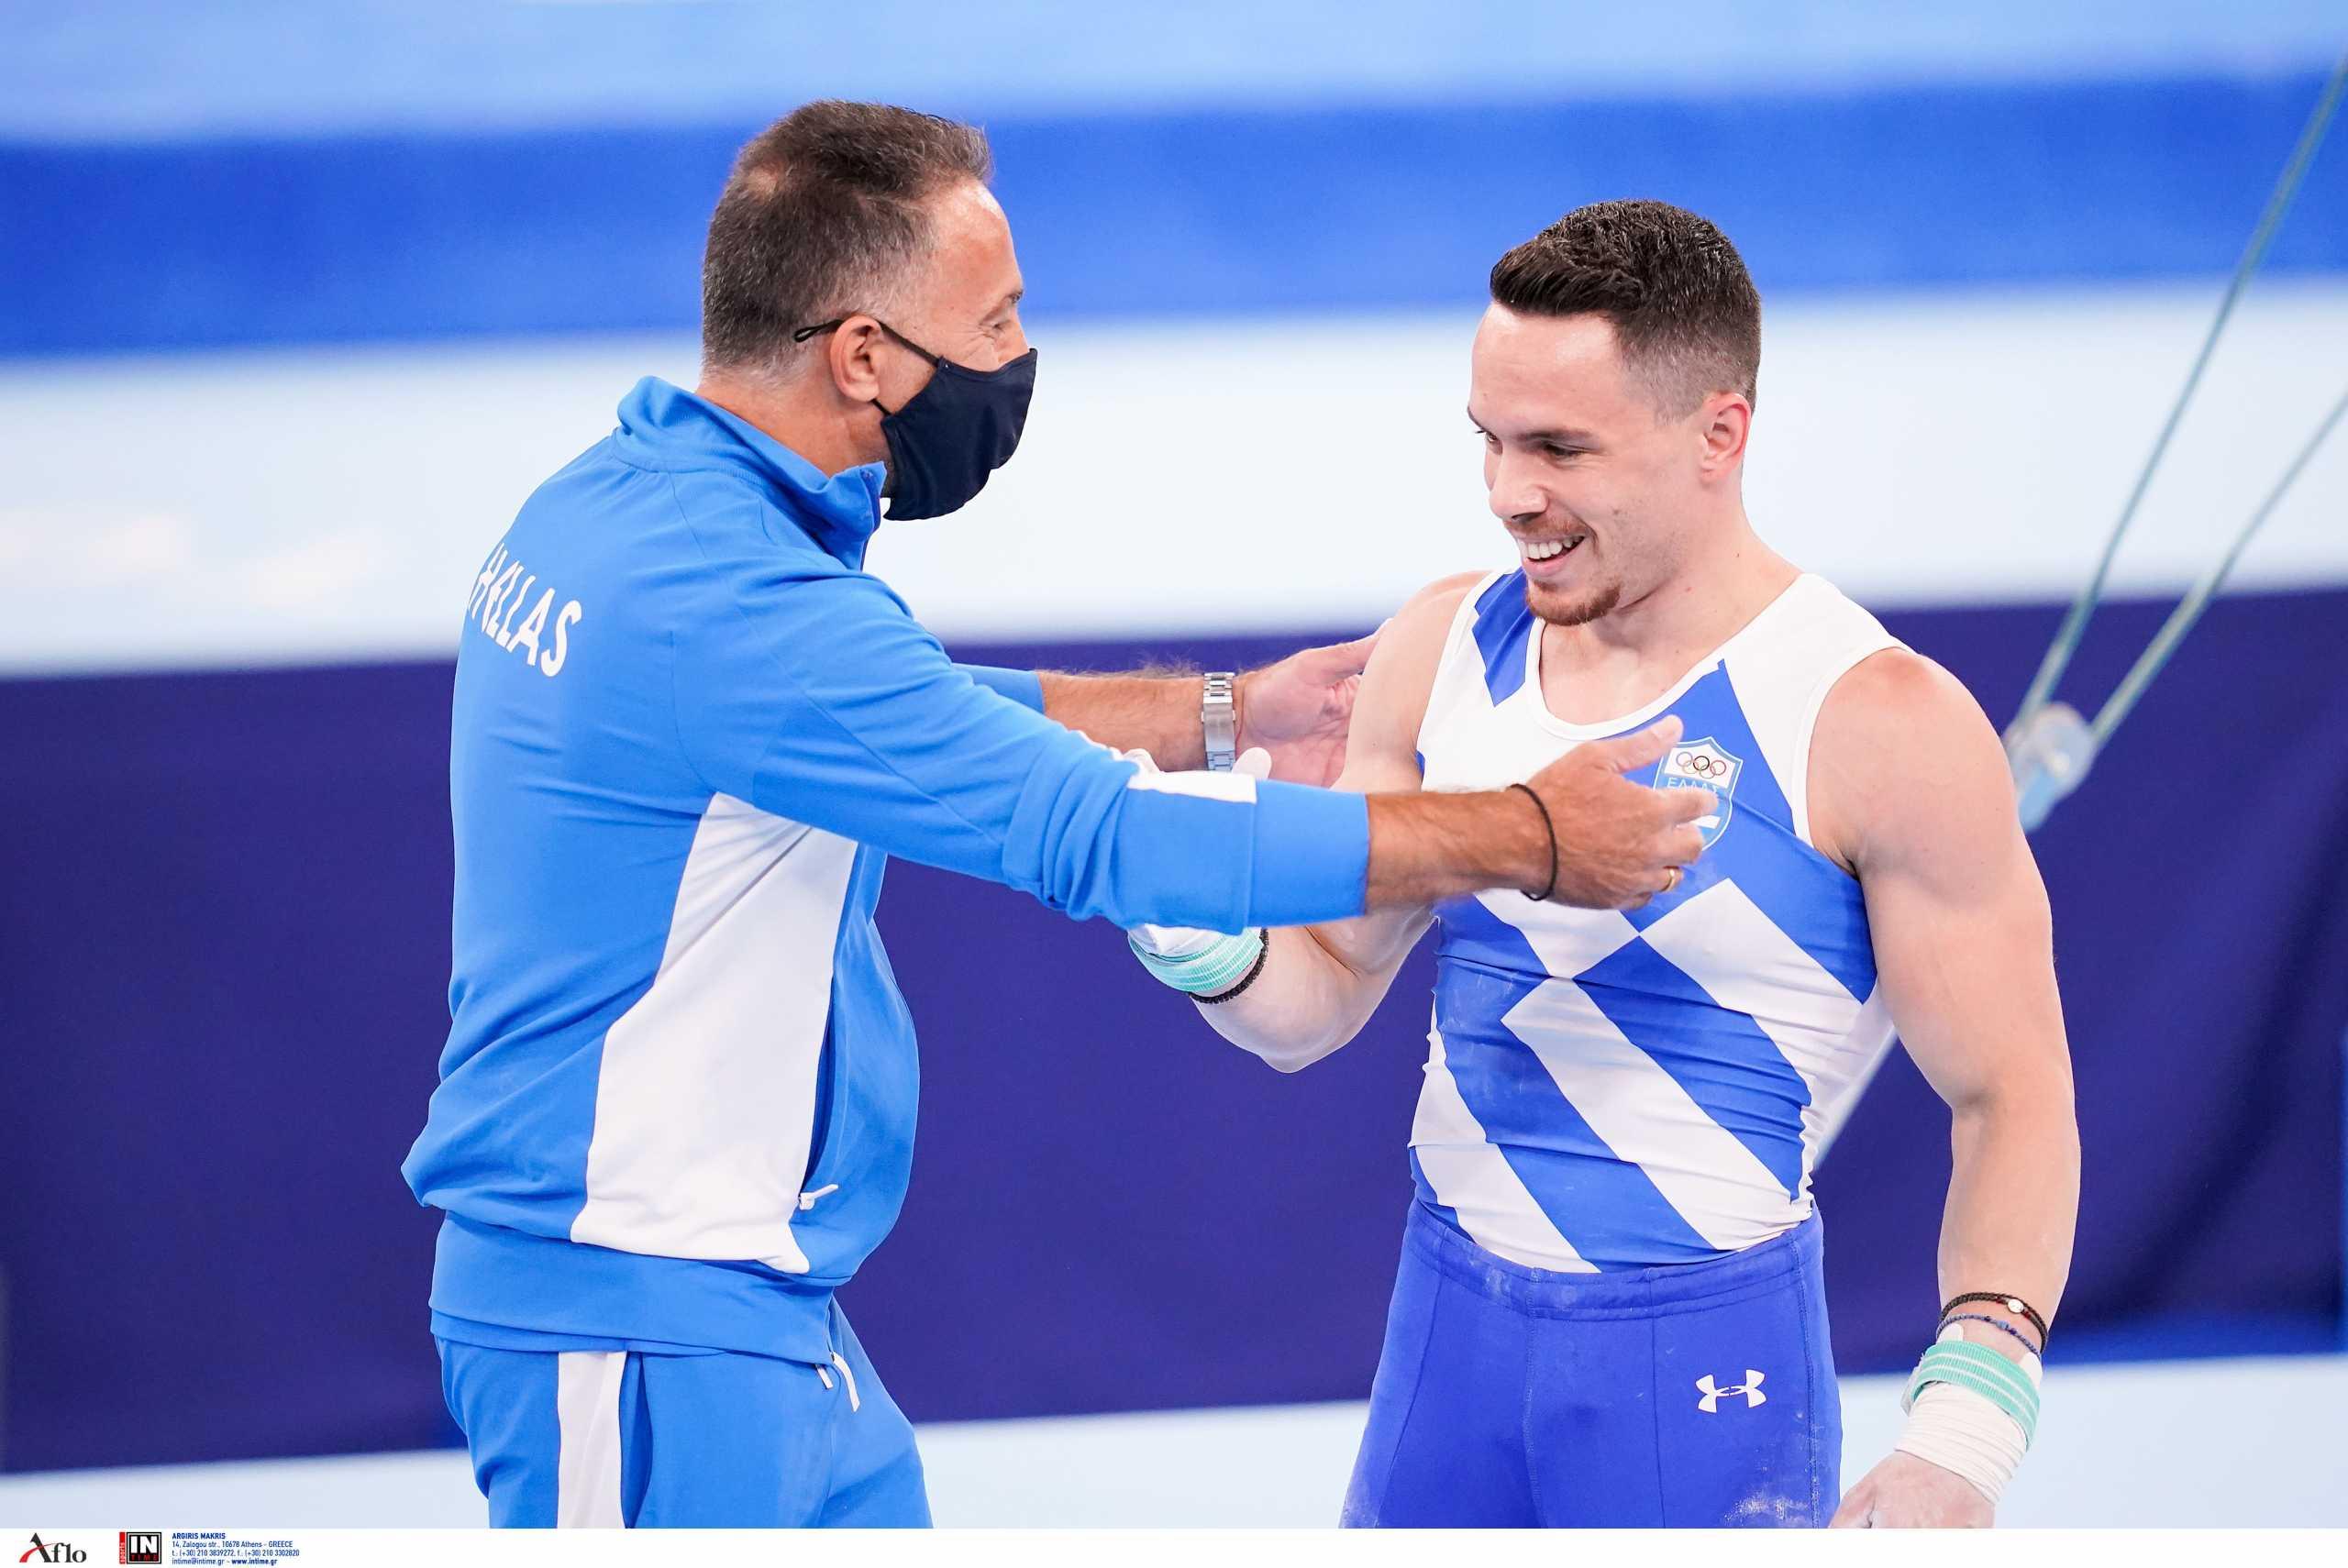 Ολυμπιακοί Αγώνες – Προπονητής Πετρούνια: «Ο Λευτέρης έχει κρατήσει για τον τελικό το καλύτερο πρόγραμμα της ζωής του»